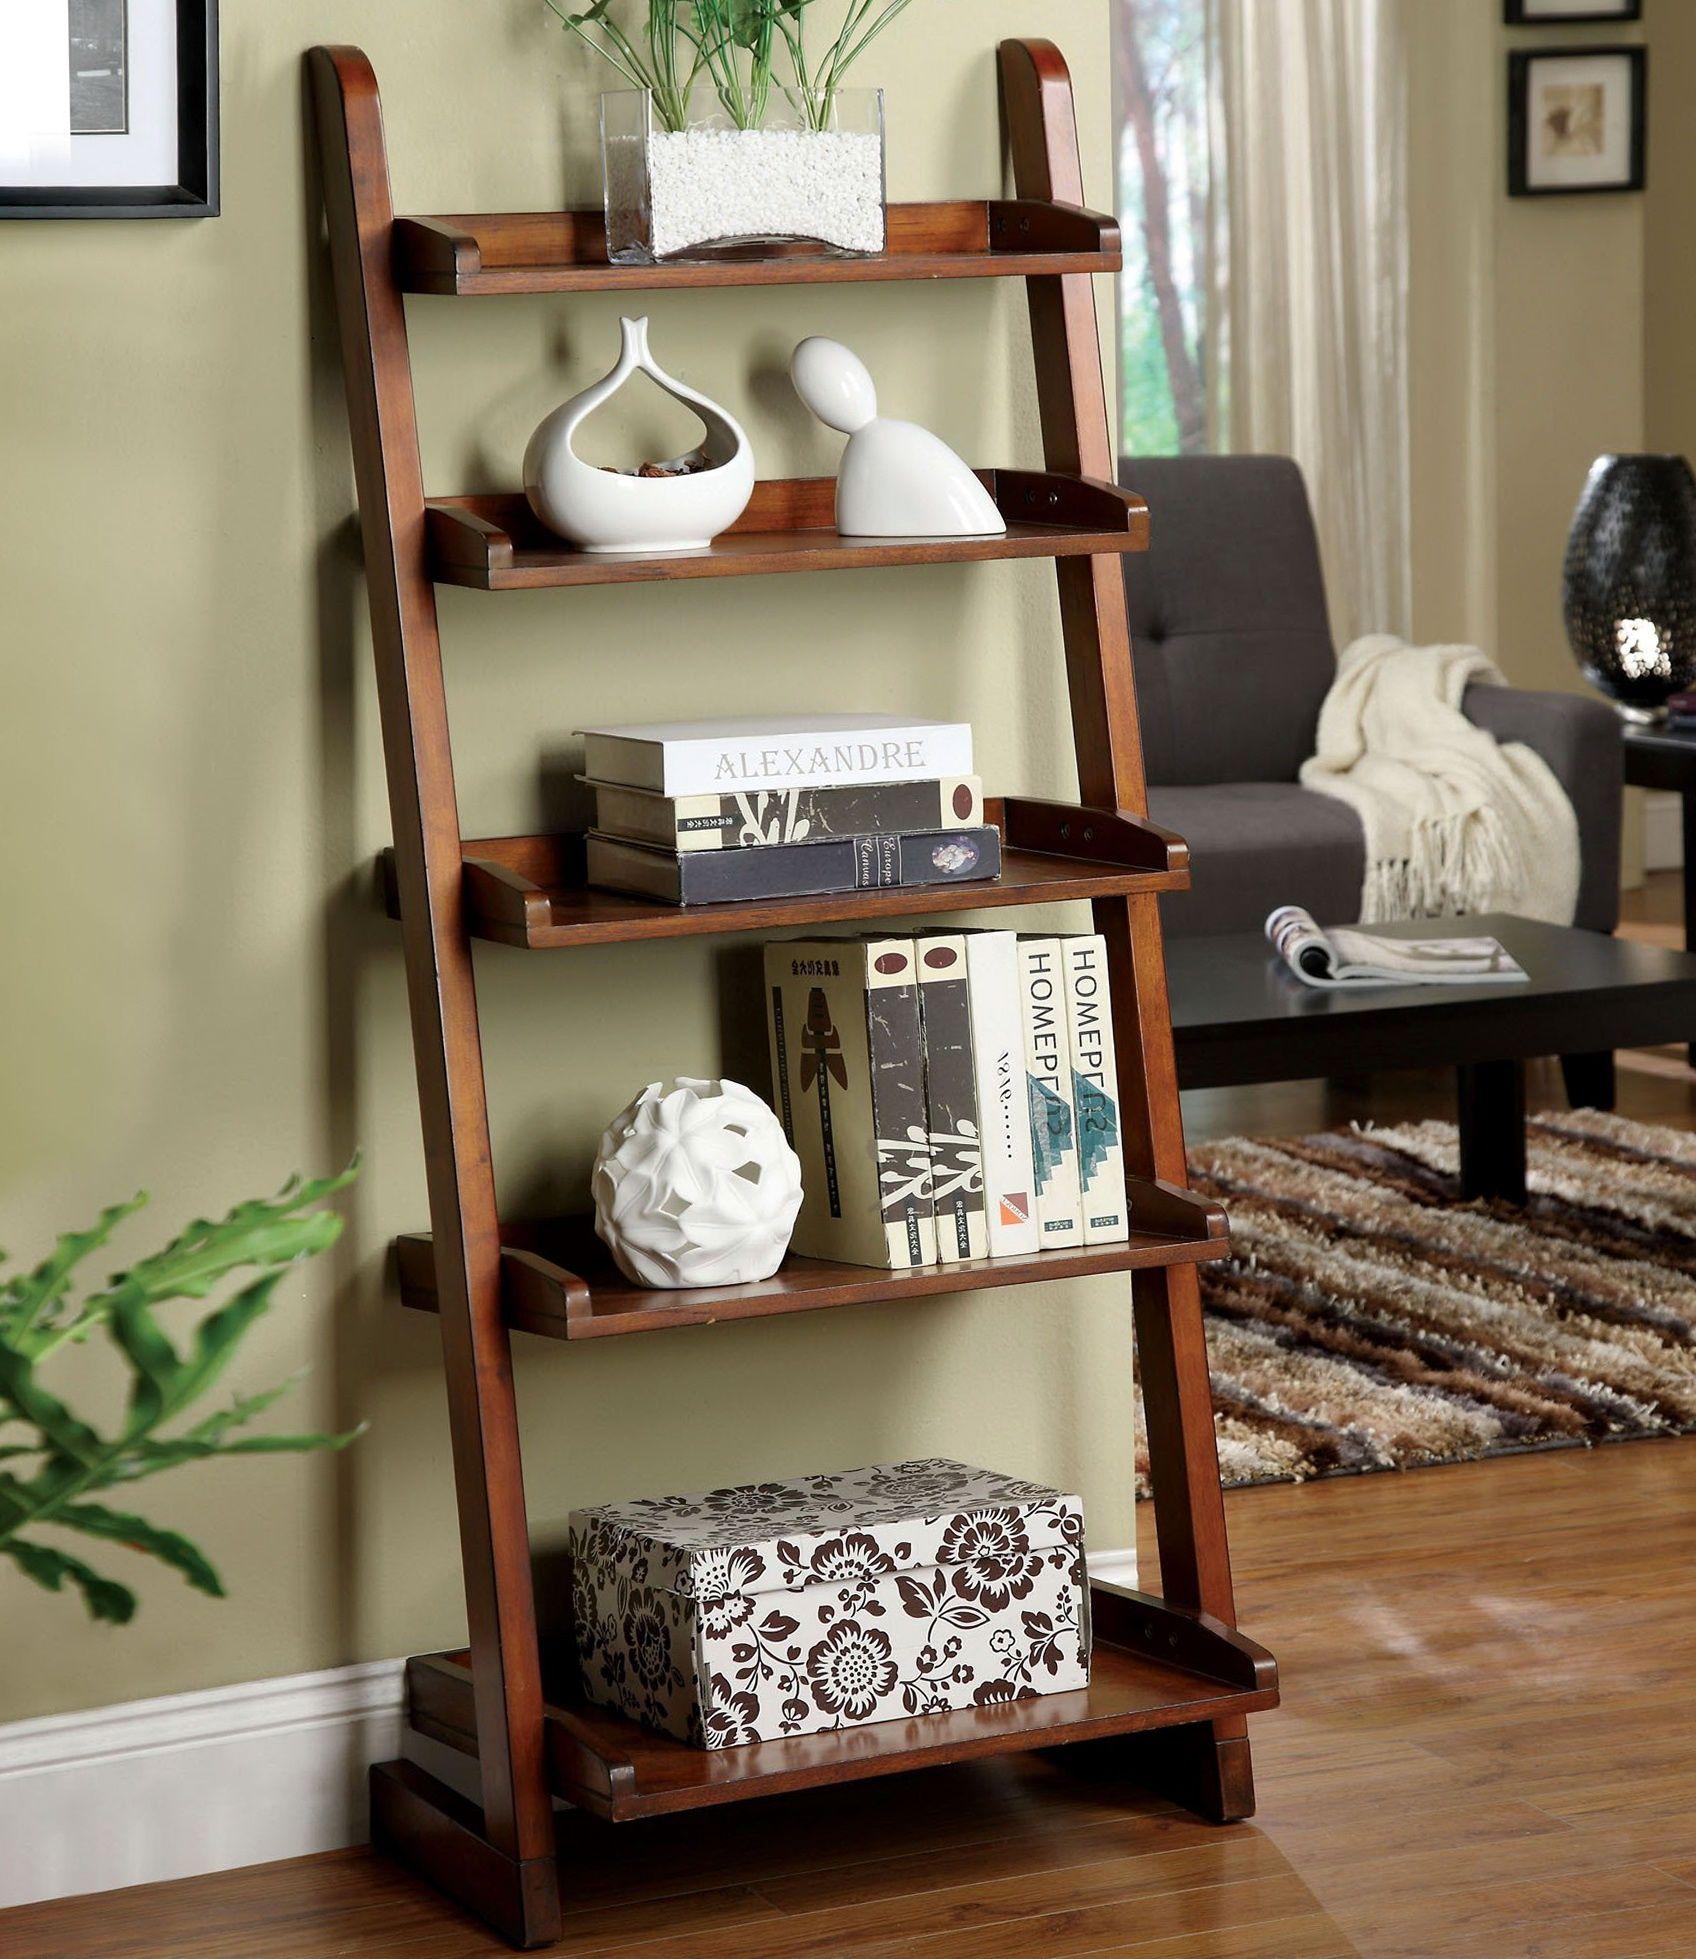 Bookshelf Decorating Ideas Decor Around The World Decoracion De Interiores Decoracion De Repisas Decoracion De Salas Modernas